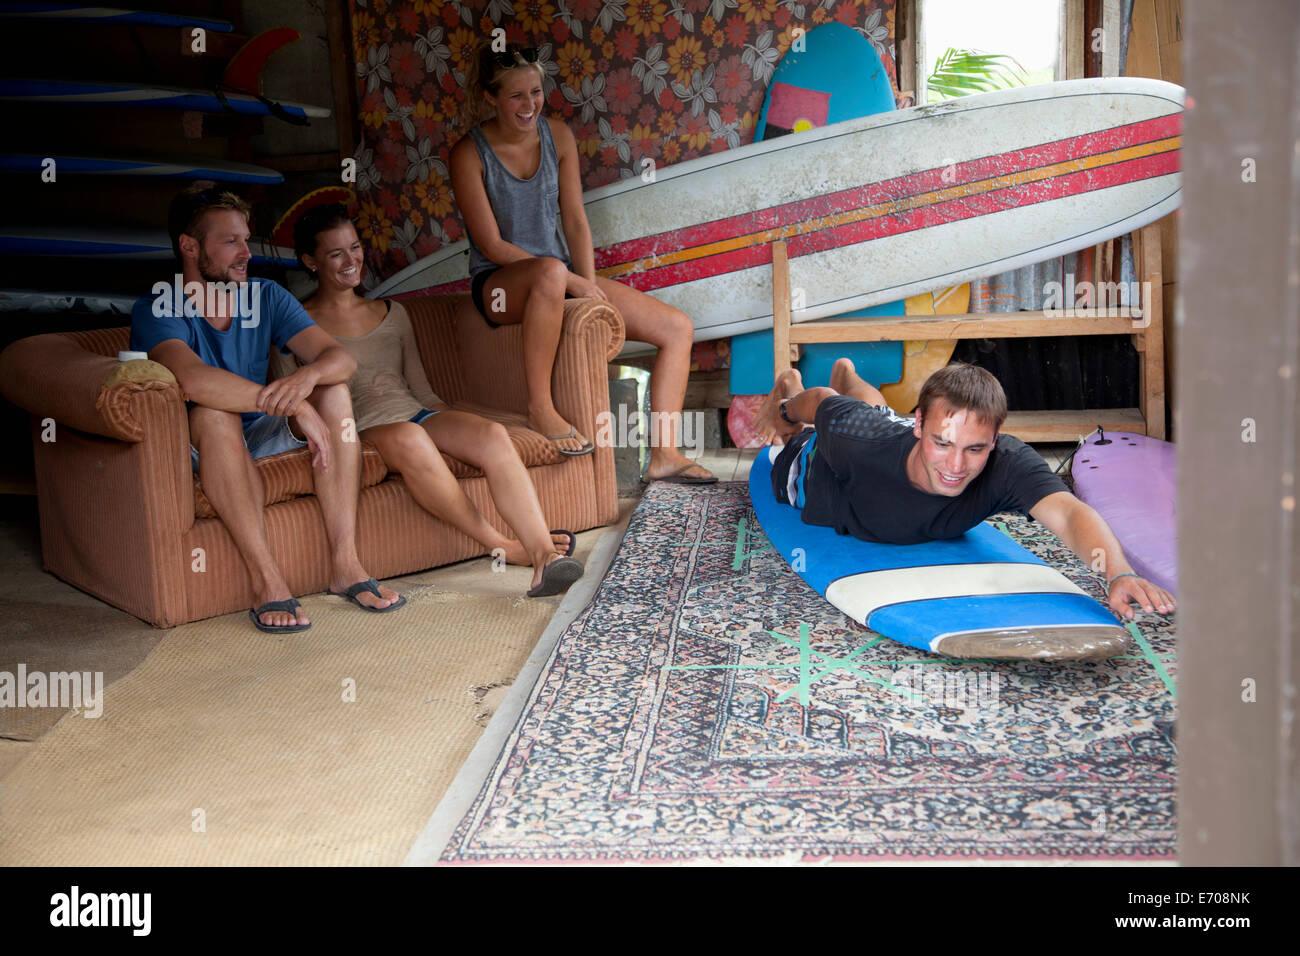 Quatre jeunes amis surfeur adultes de déconner dans hangar surf Photo Stock